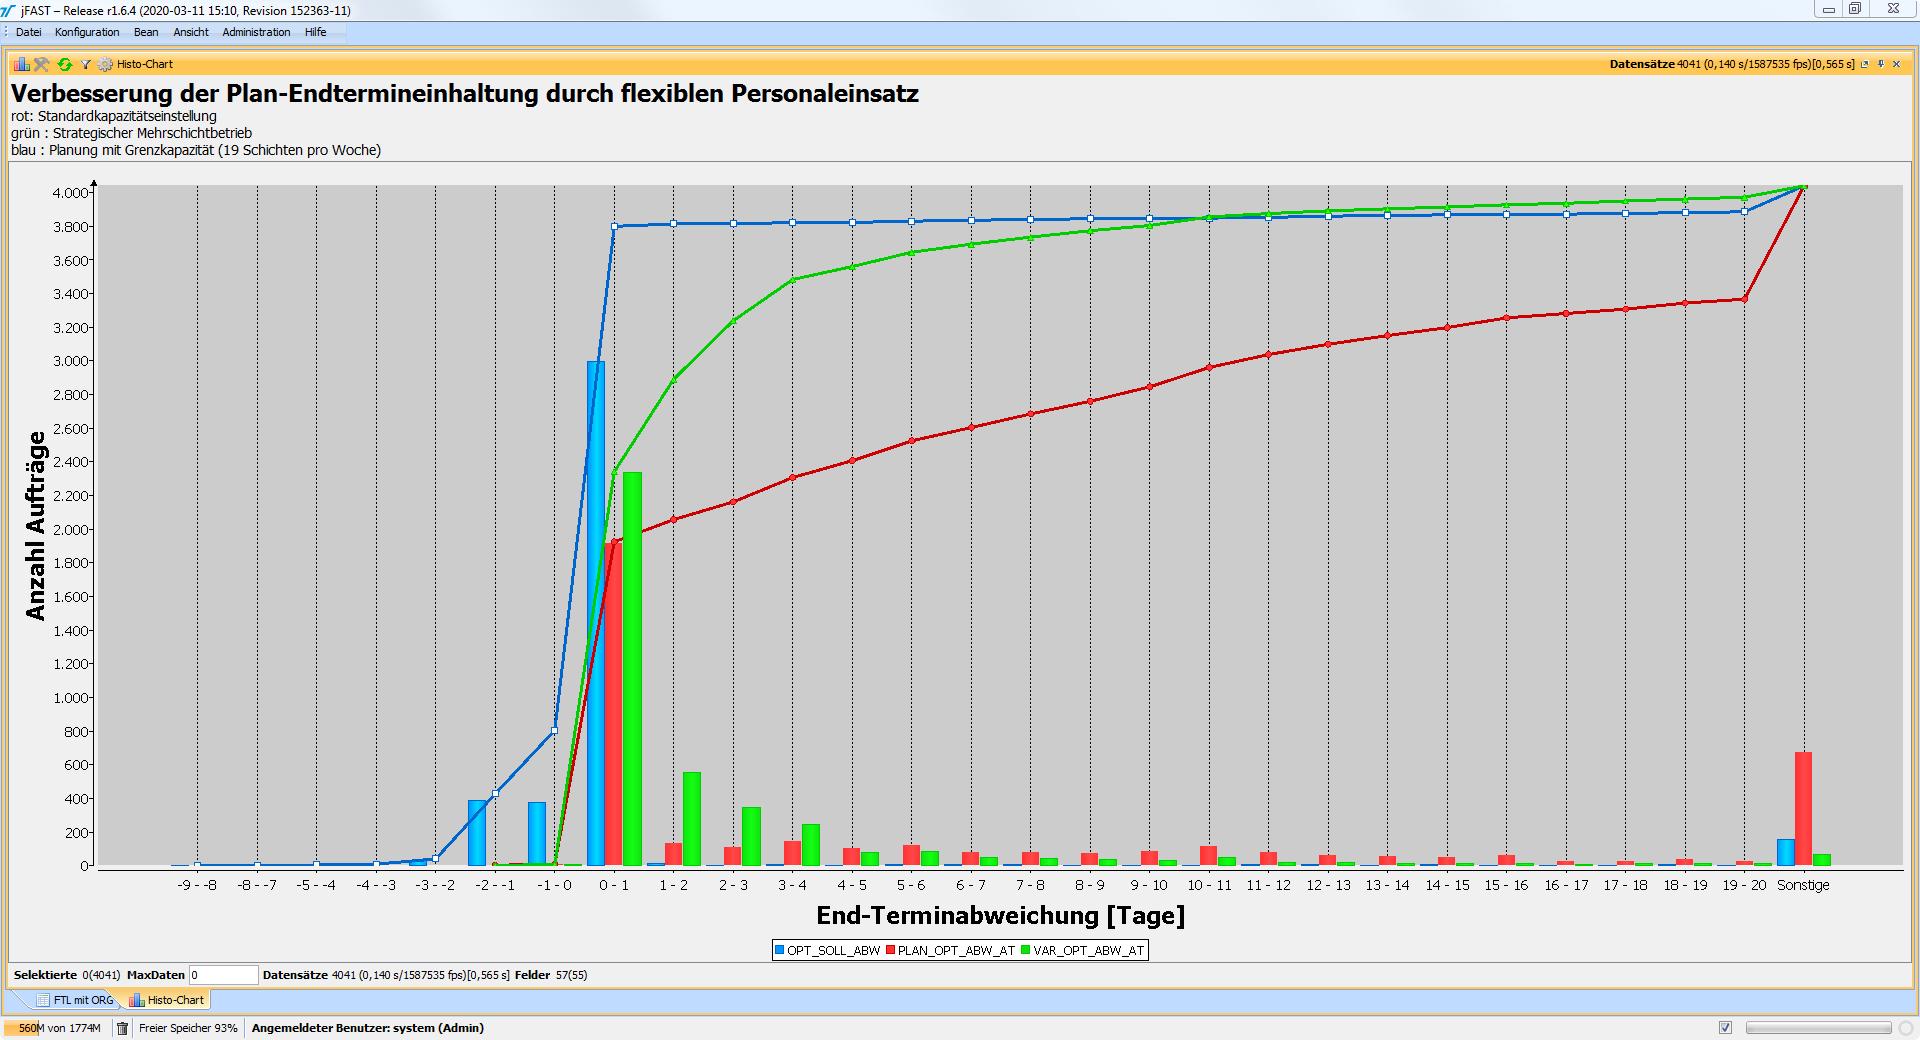 Vergleich der geplanten Terminsituation bei Standard-Kapazitätseinstellung (rot) mit 3-Schicht-Grenzkapazität (blau) und strategischem Mehrschichtbetrieb auf 2-Schicht-Basis (grün)